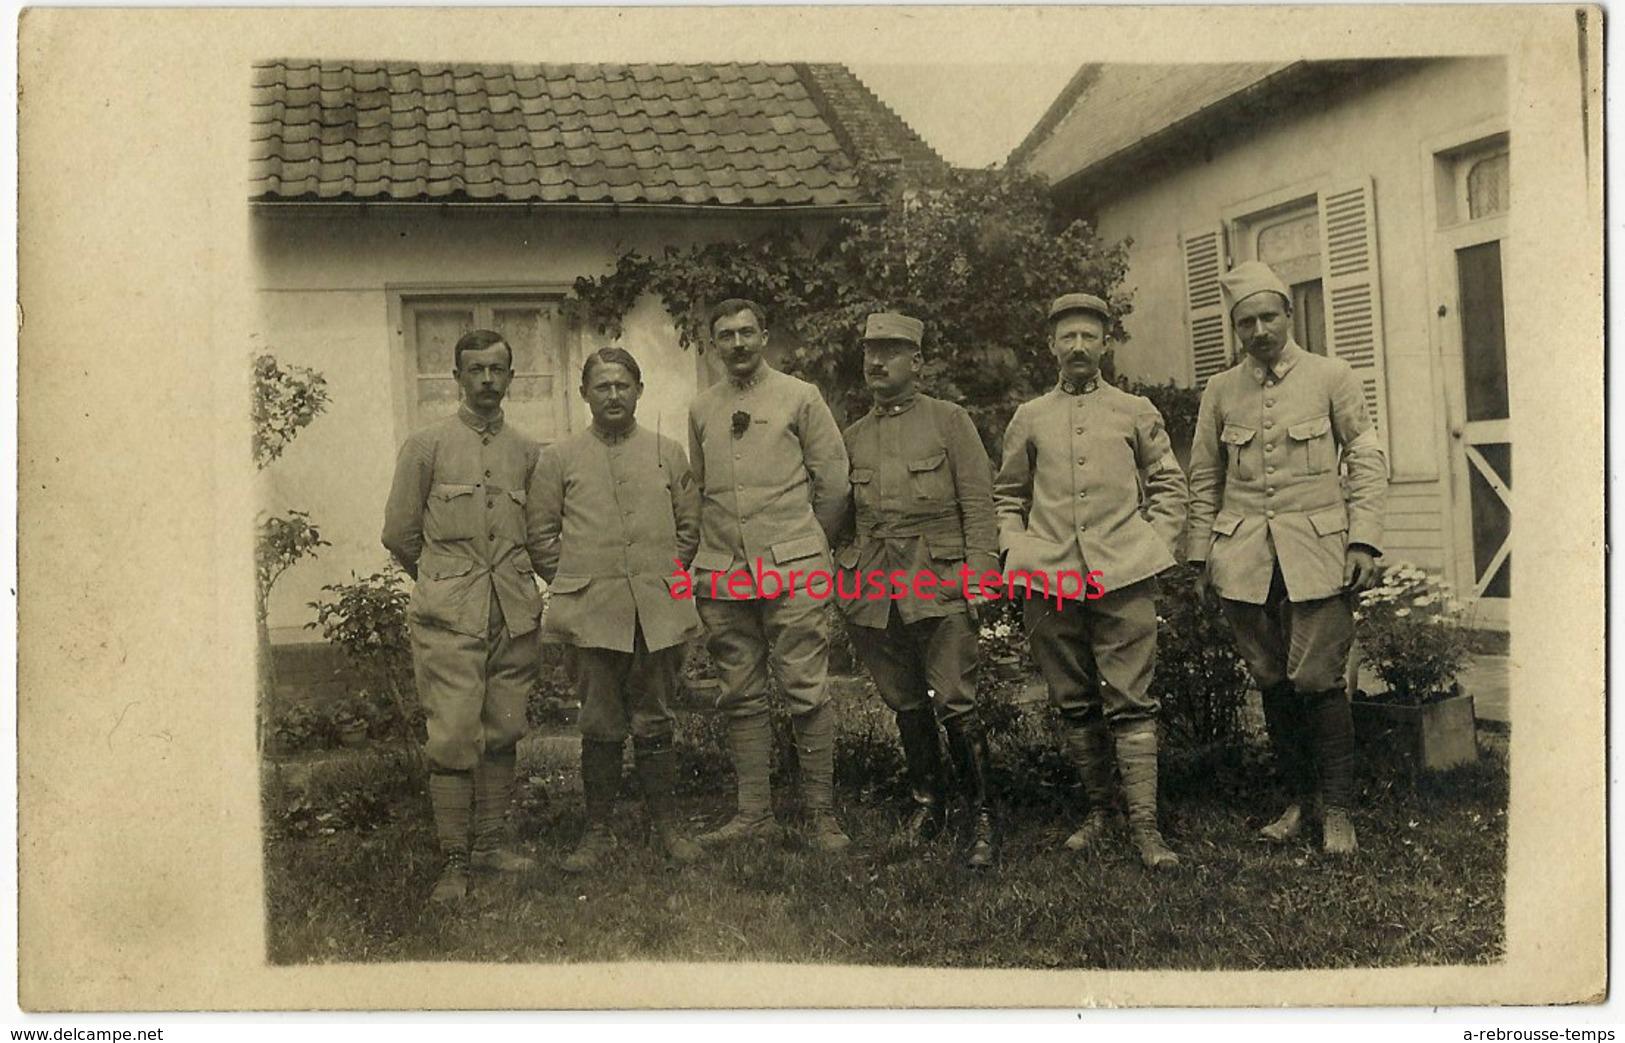 Carte Photo Guerre 1914-à Prouzel- Juillet 1916- Bataille De La Somme-divers Régiments Dont 147e, 2e Et étoile Et Ramure - Guerra, Militari